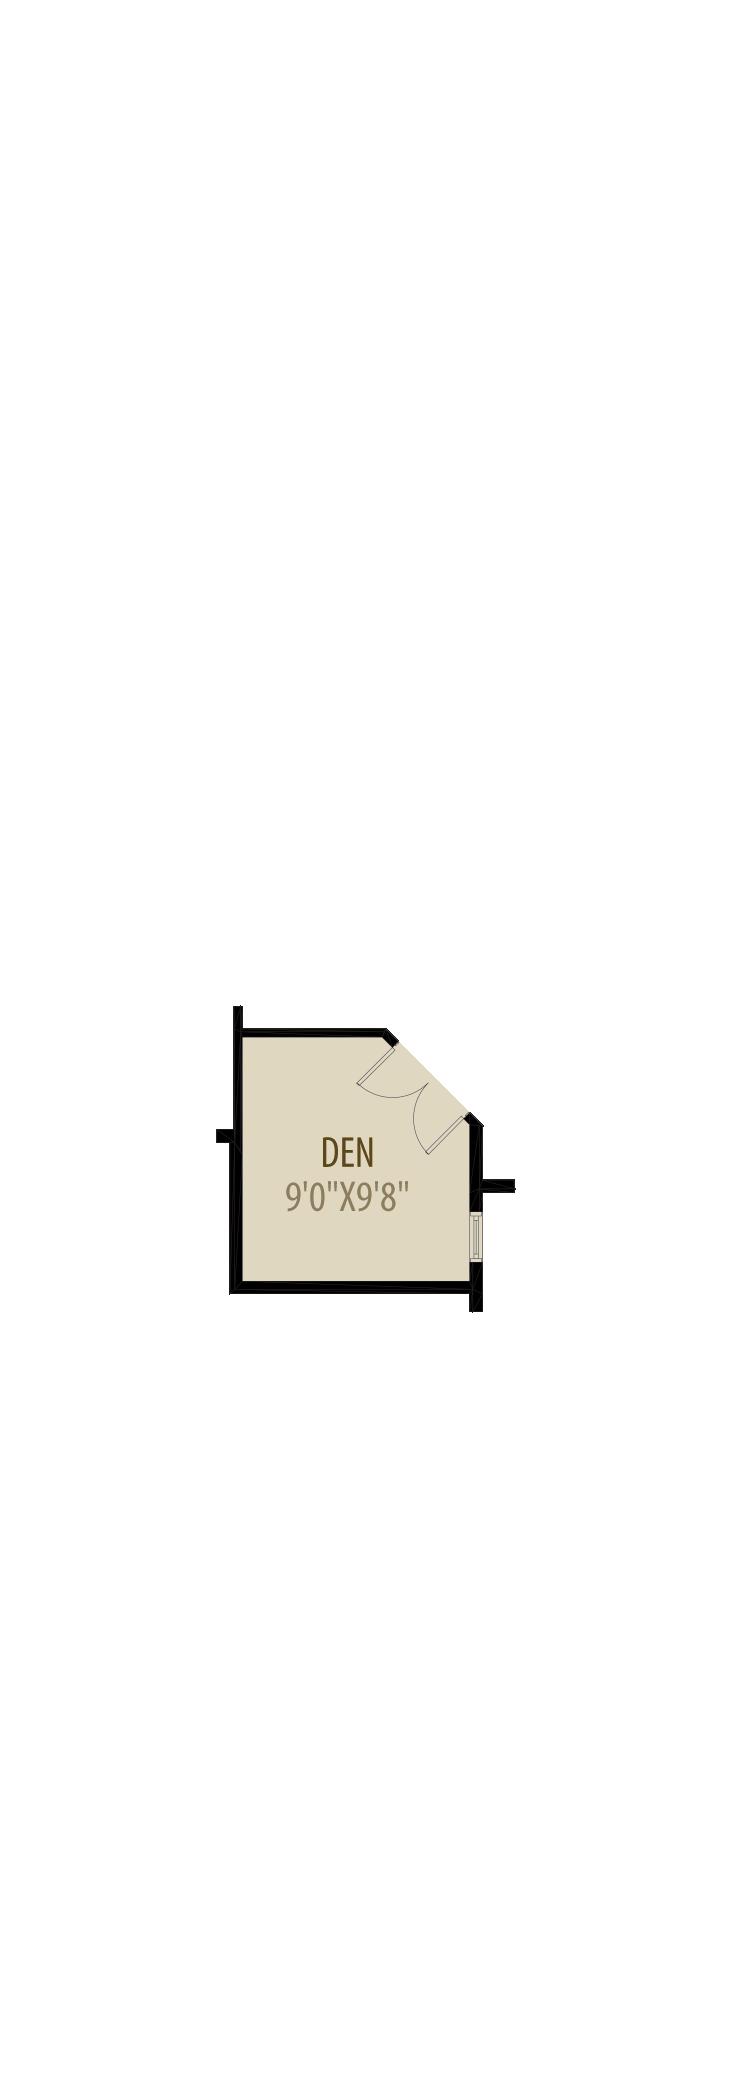 Enclosed Den